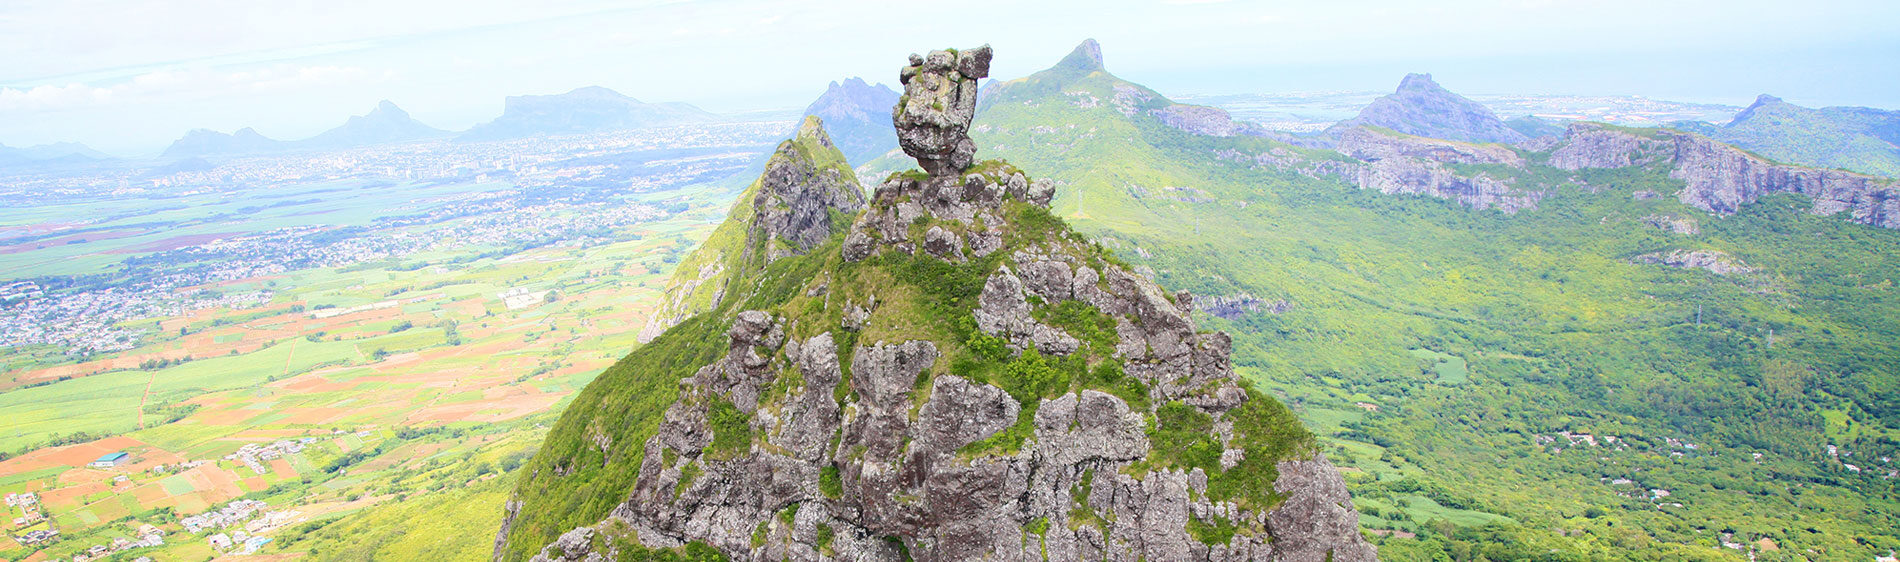 Trapèze des Mascareignes - Ile Maurice